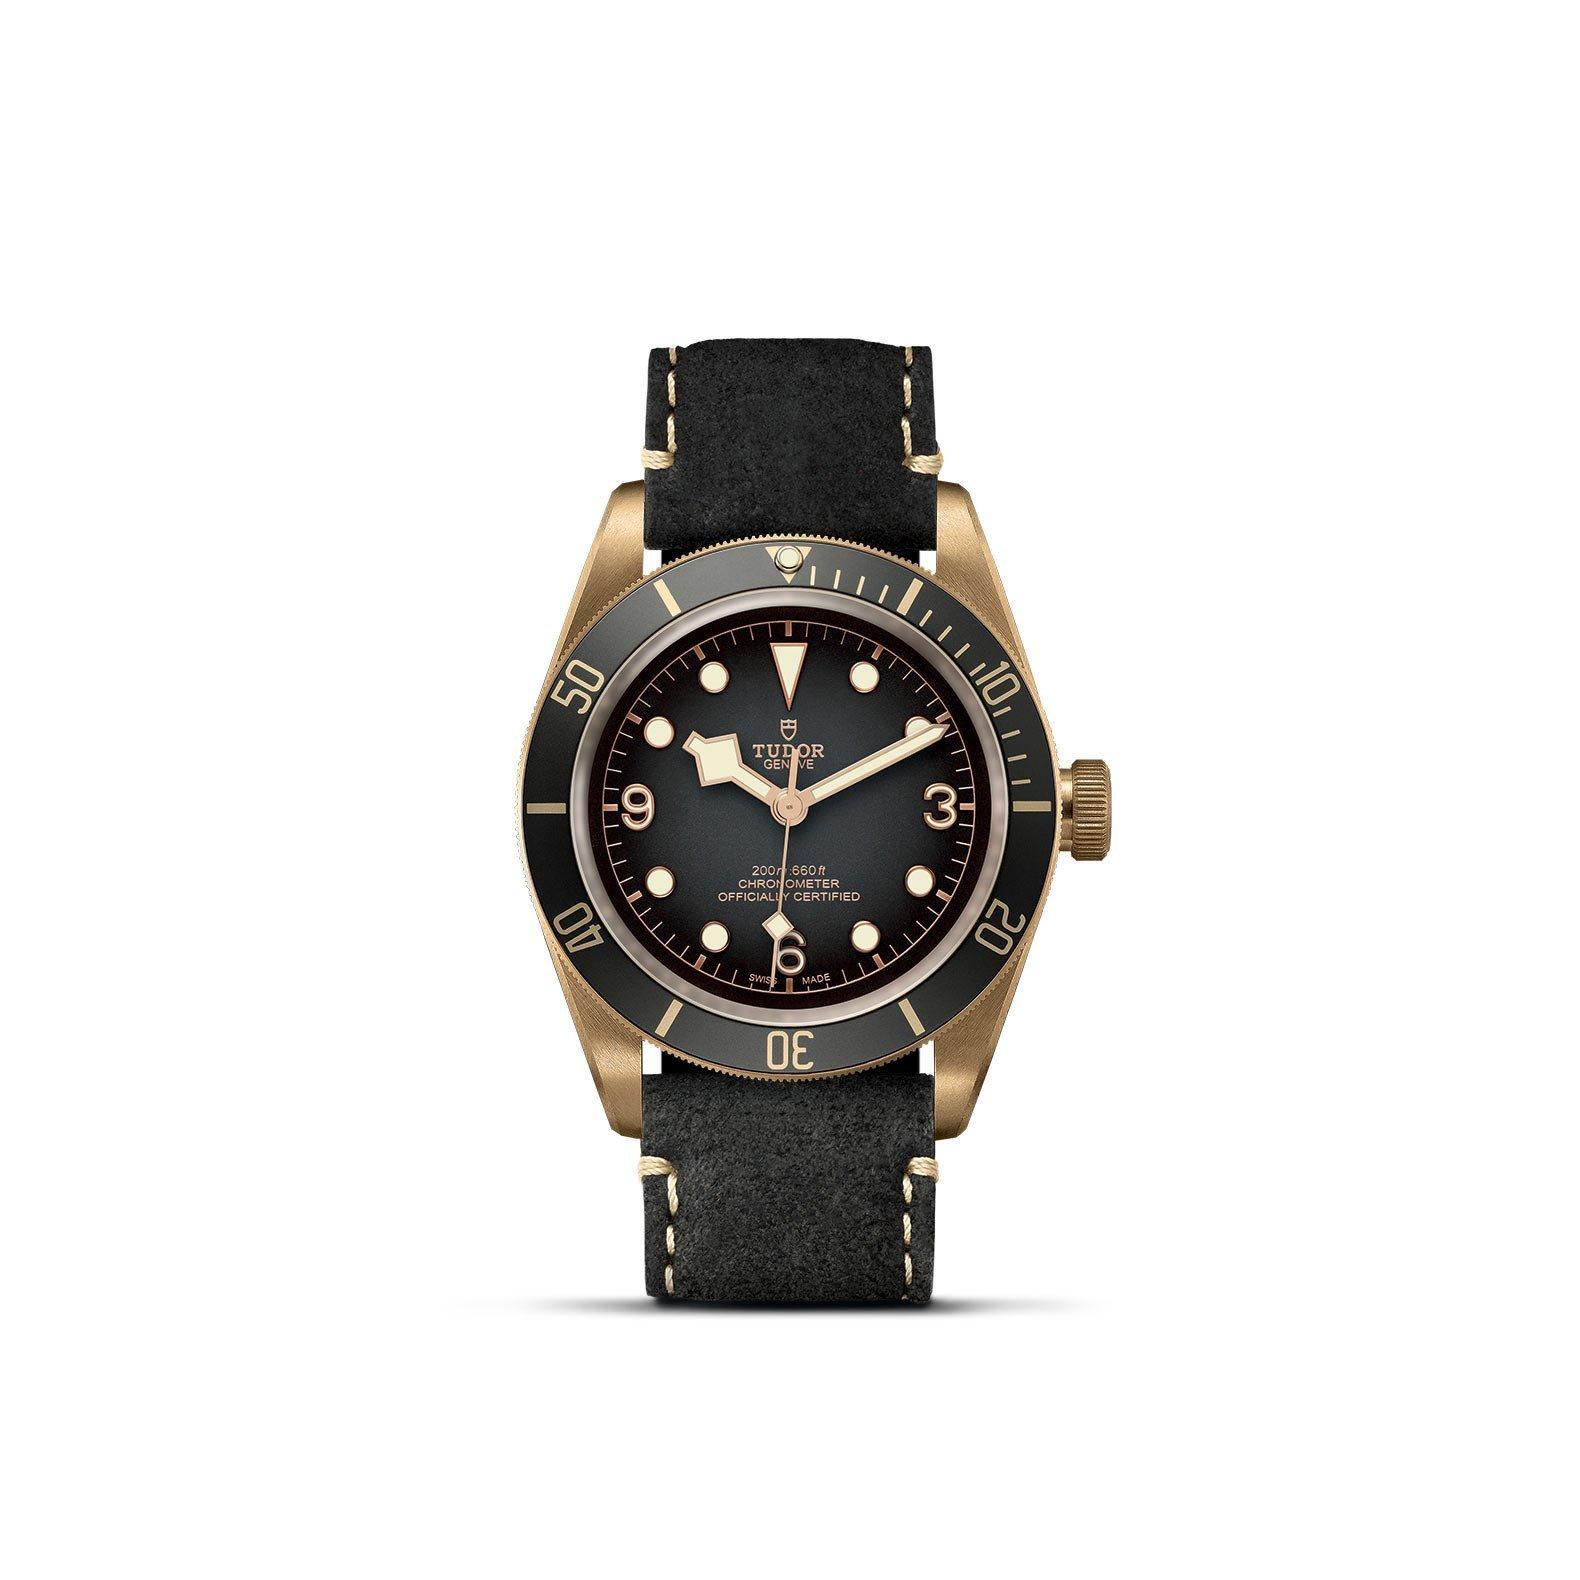 Montre TUDOR Black Bay Bronze boîtier en bronze, 43mm, bracelet en cuir noir vue 1